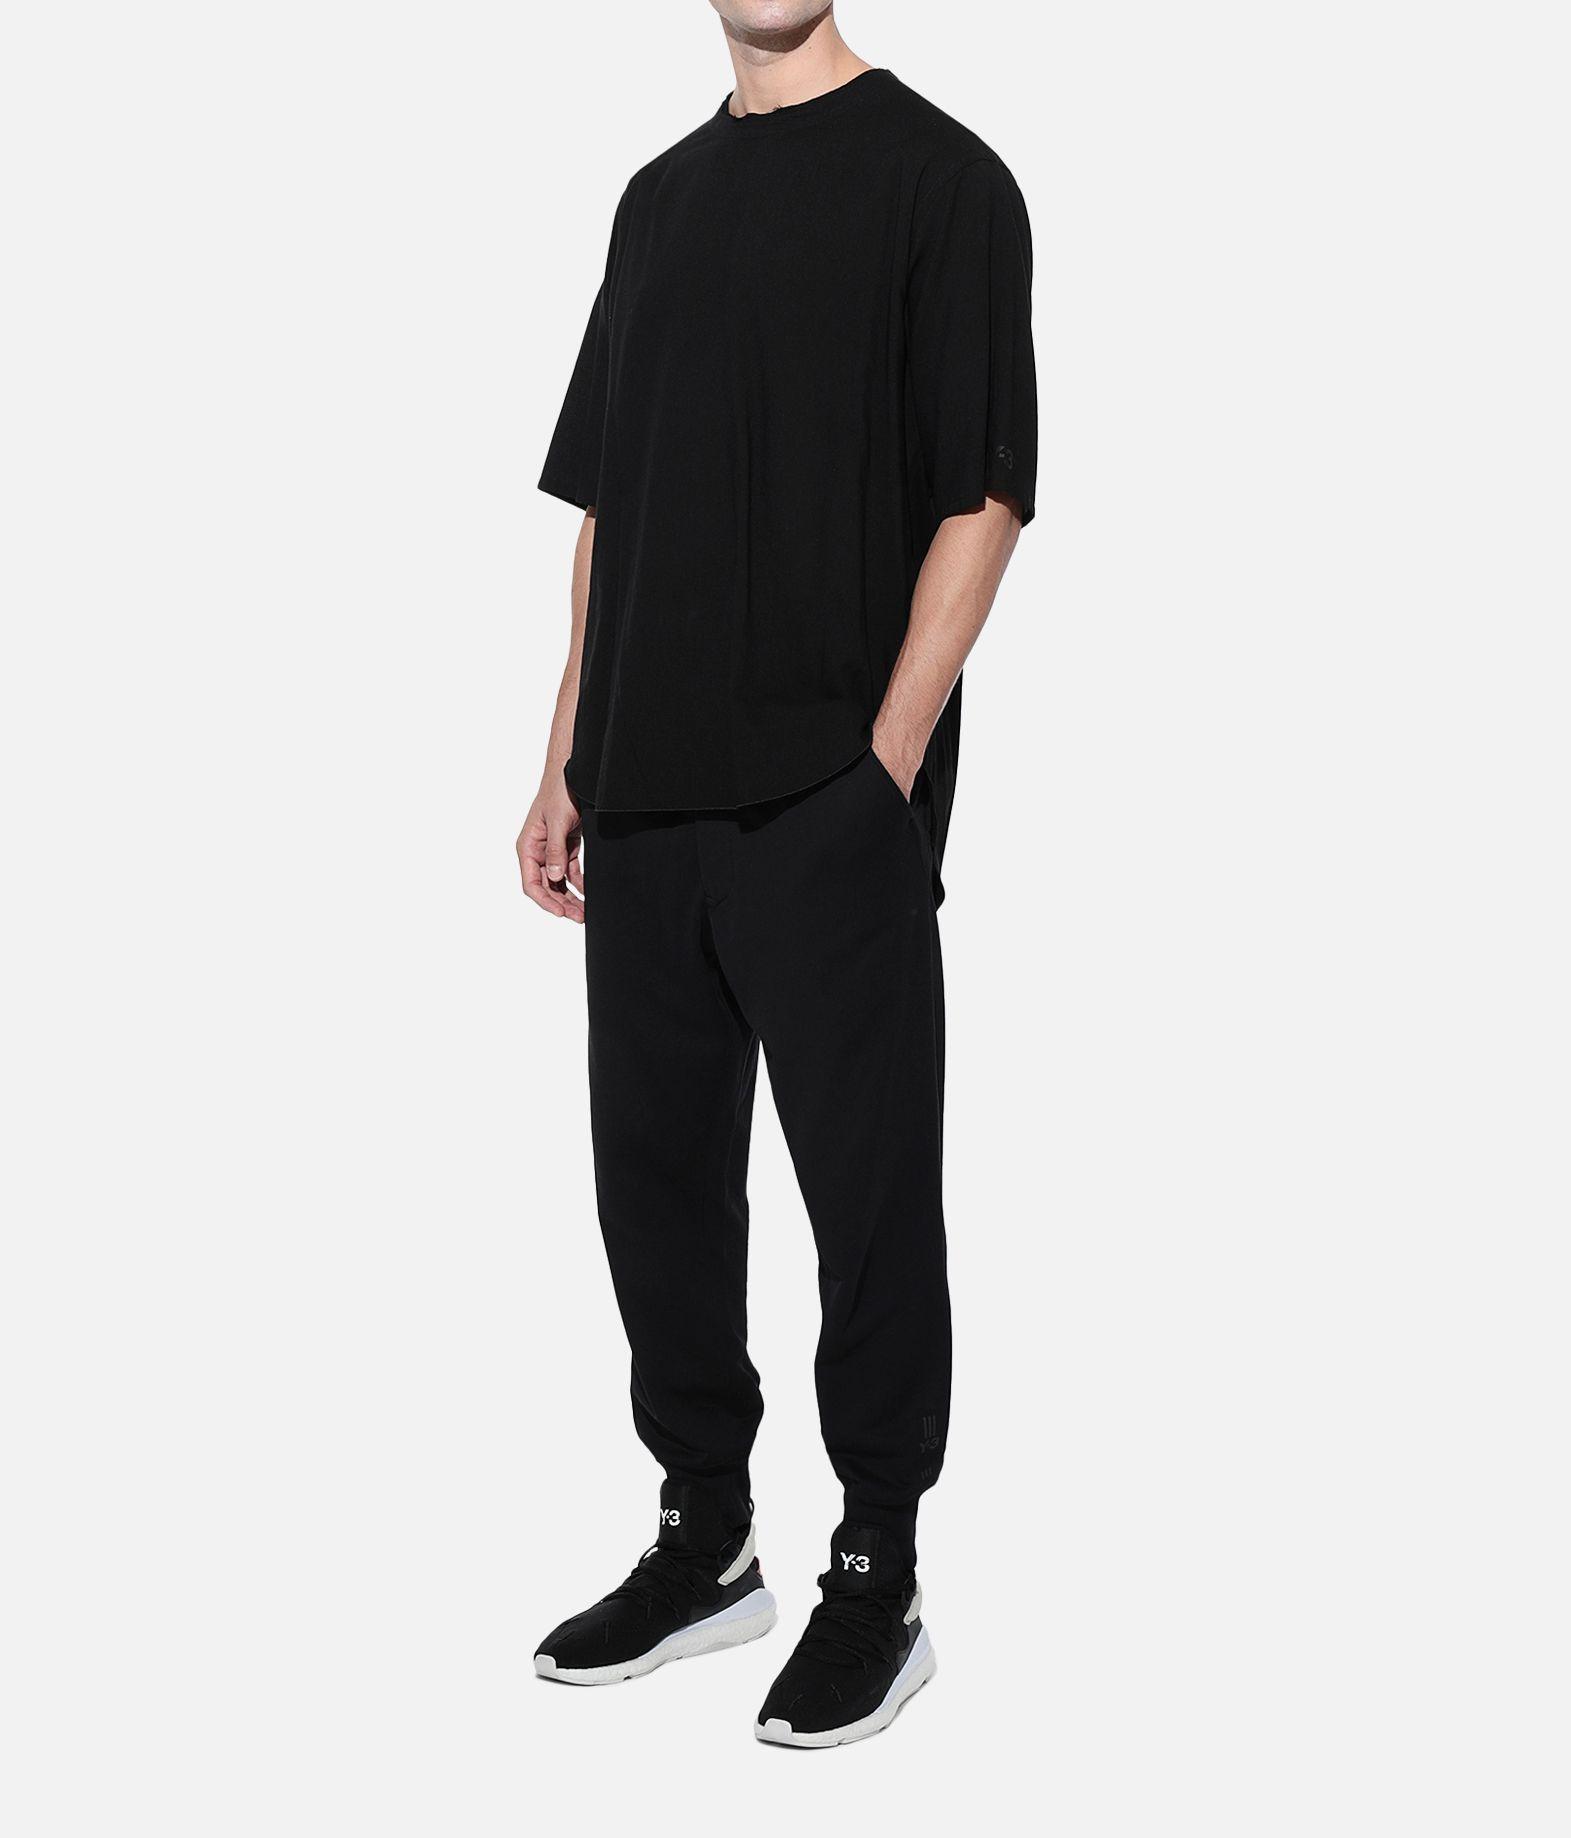 Y-3 Y-3 Long Tee  Kurzärmliges T-shirt Herren a